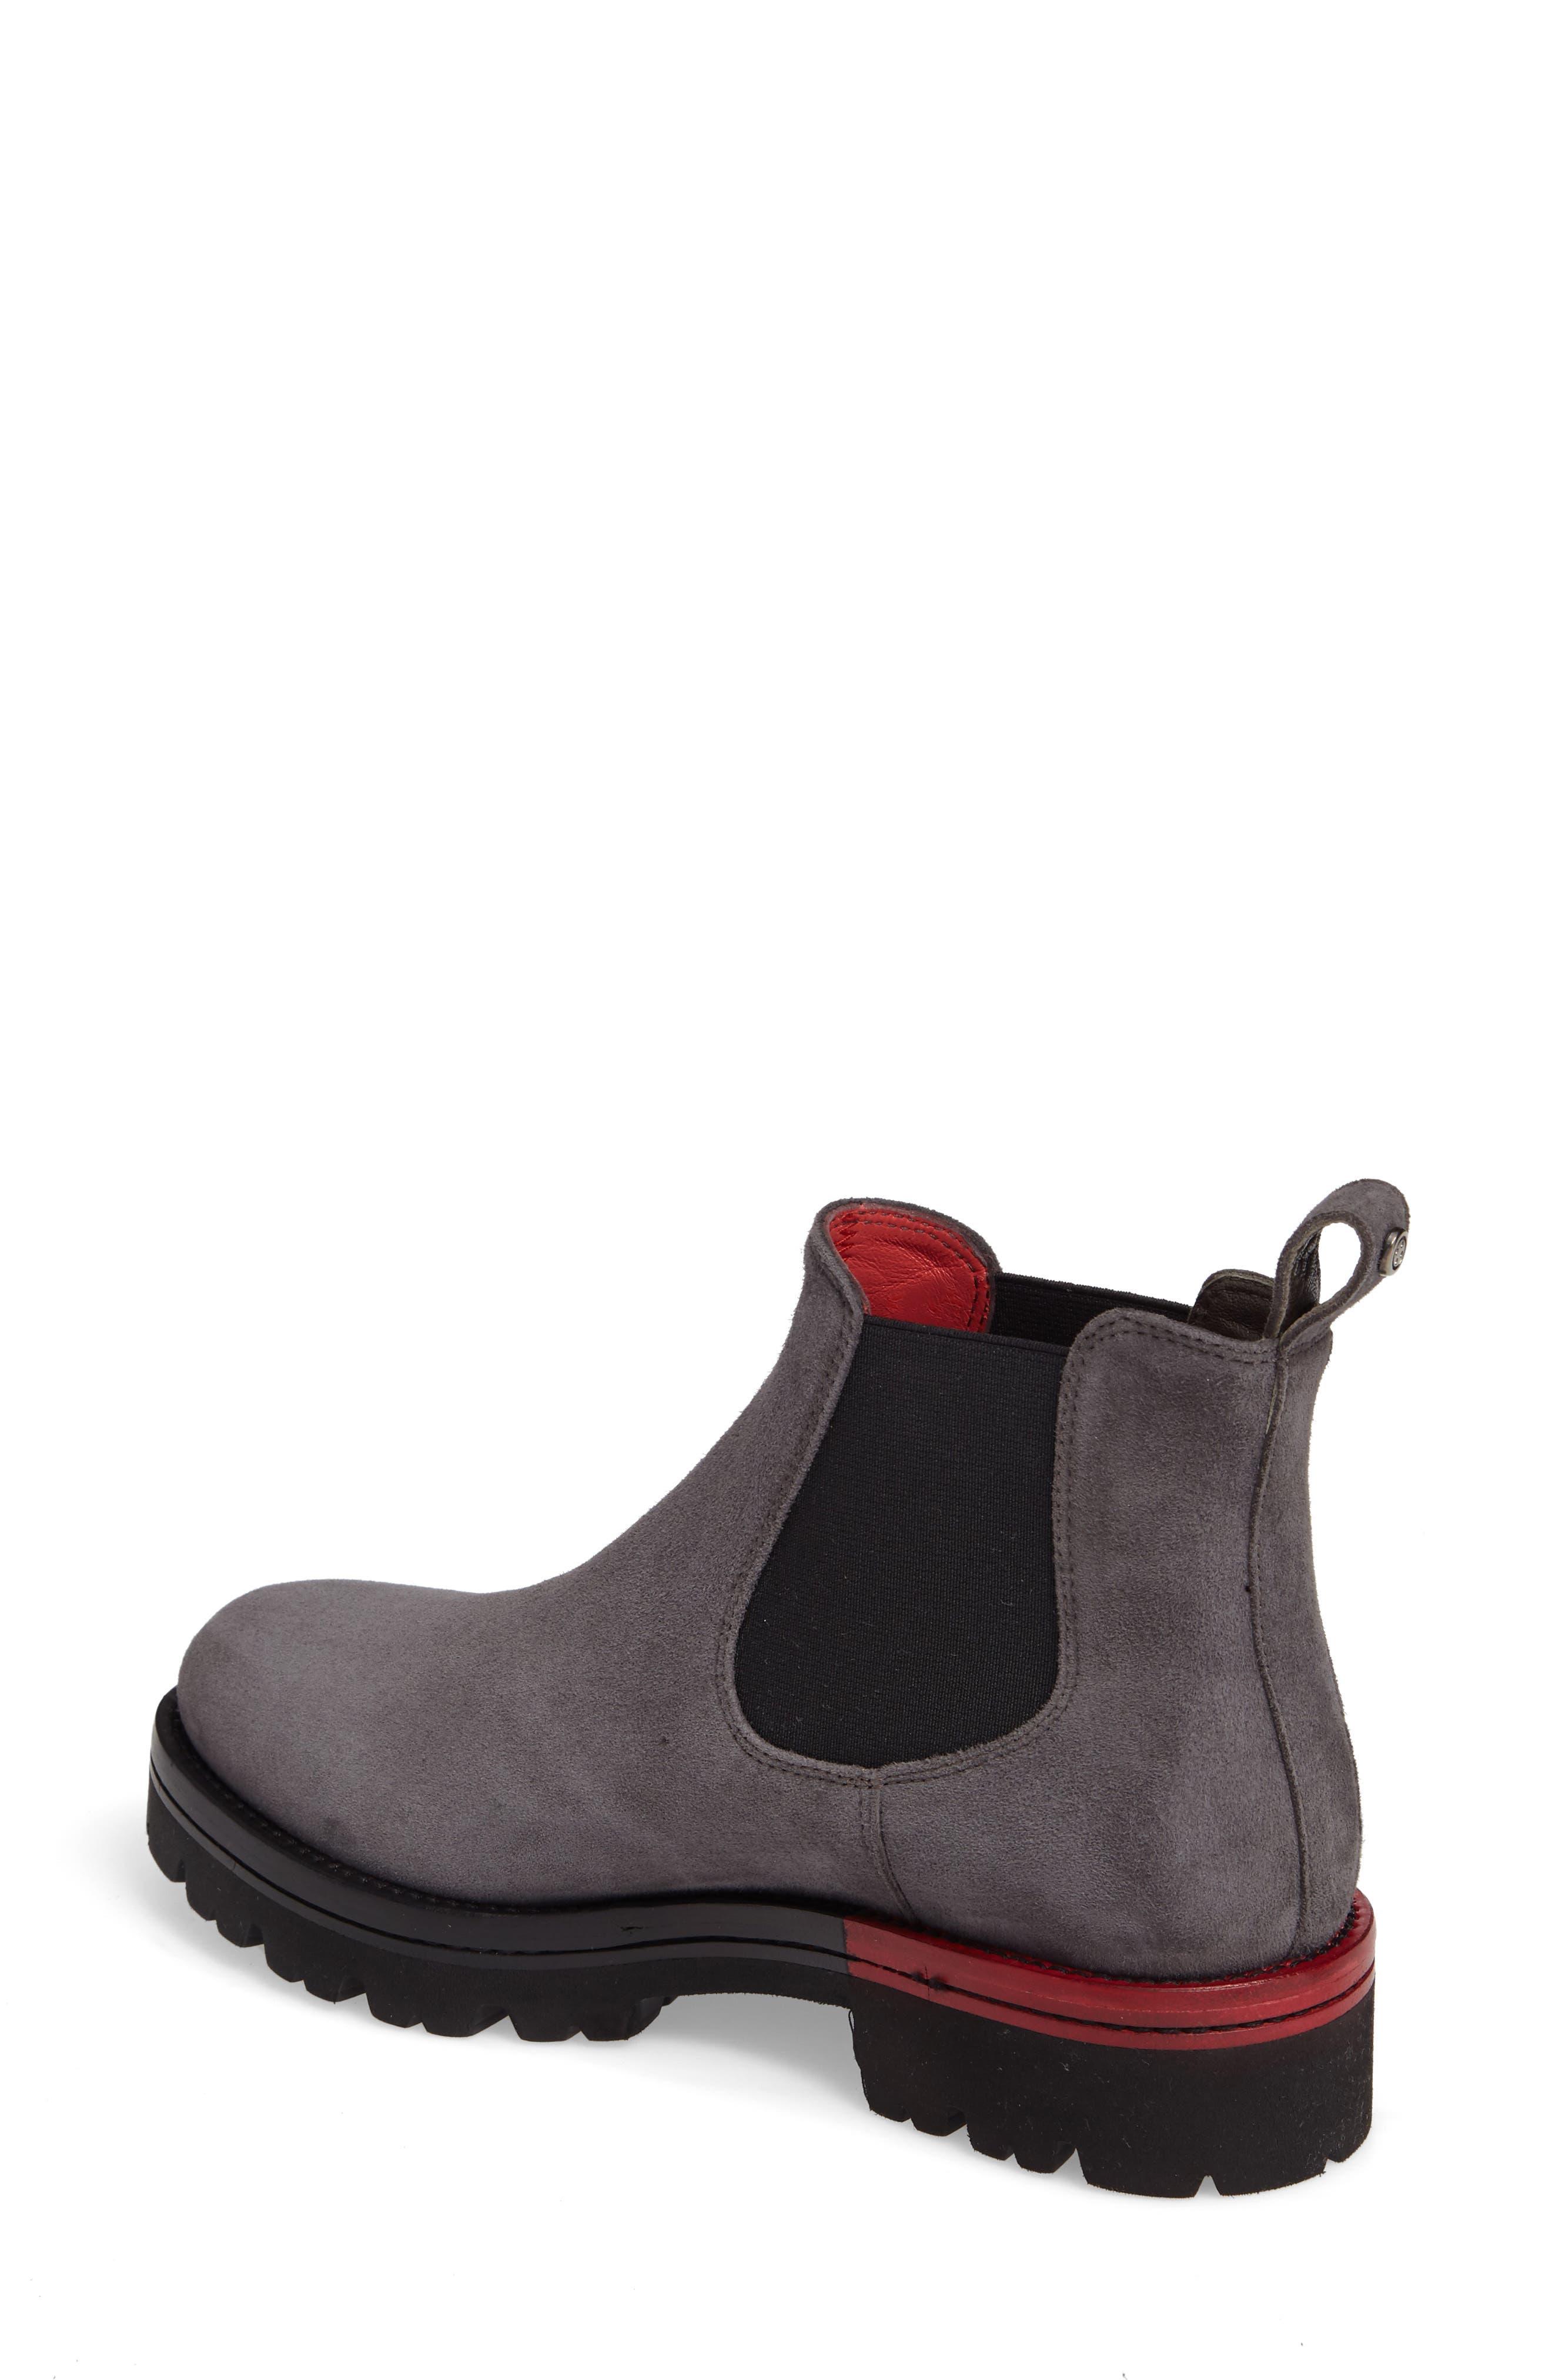 Alternate Image 2  - Pas de Rouge Chelsea Boot (Women)